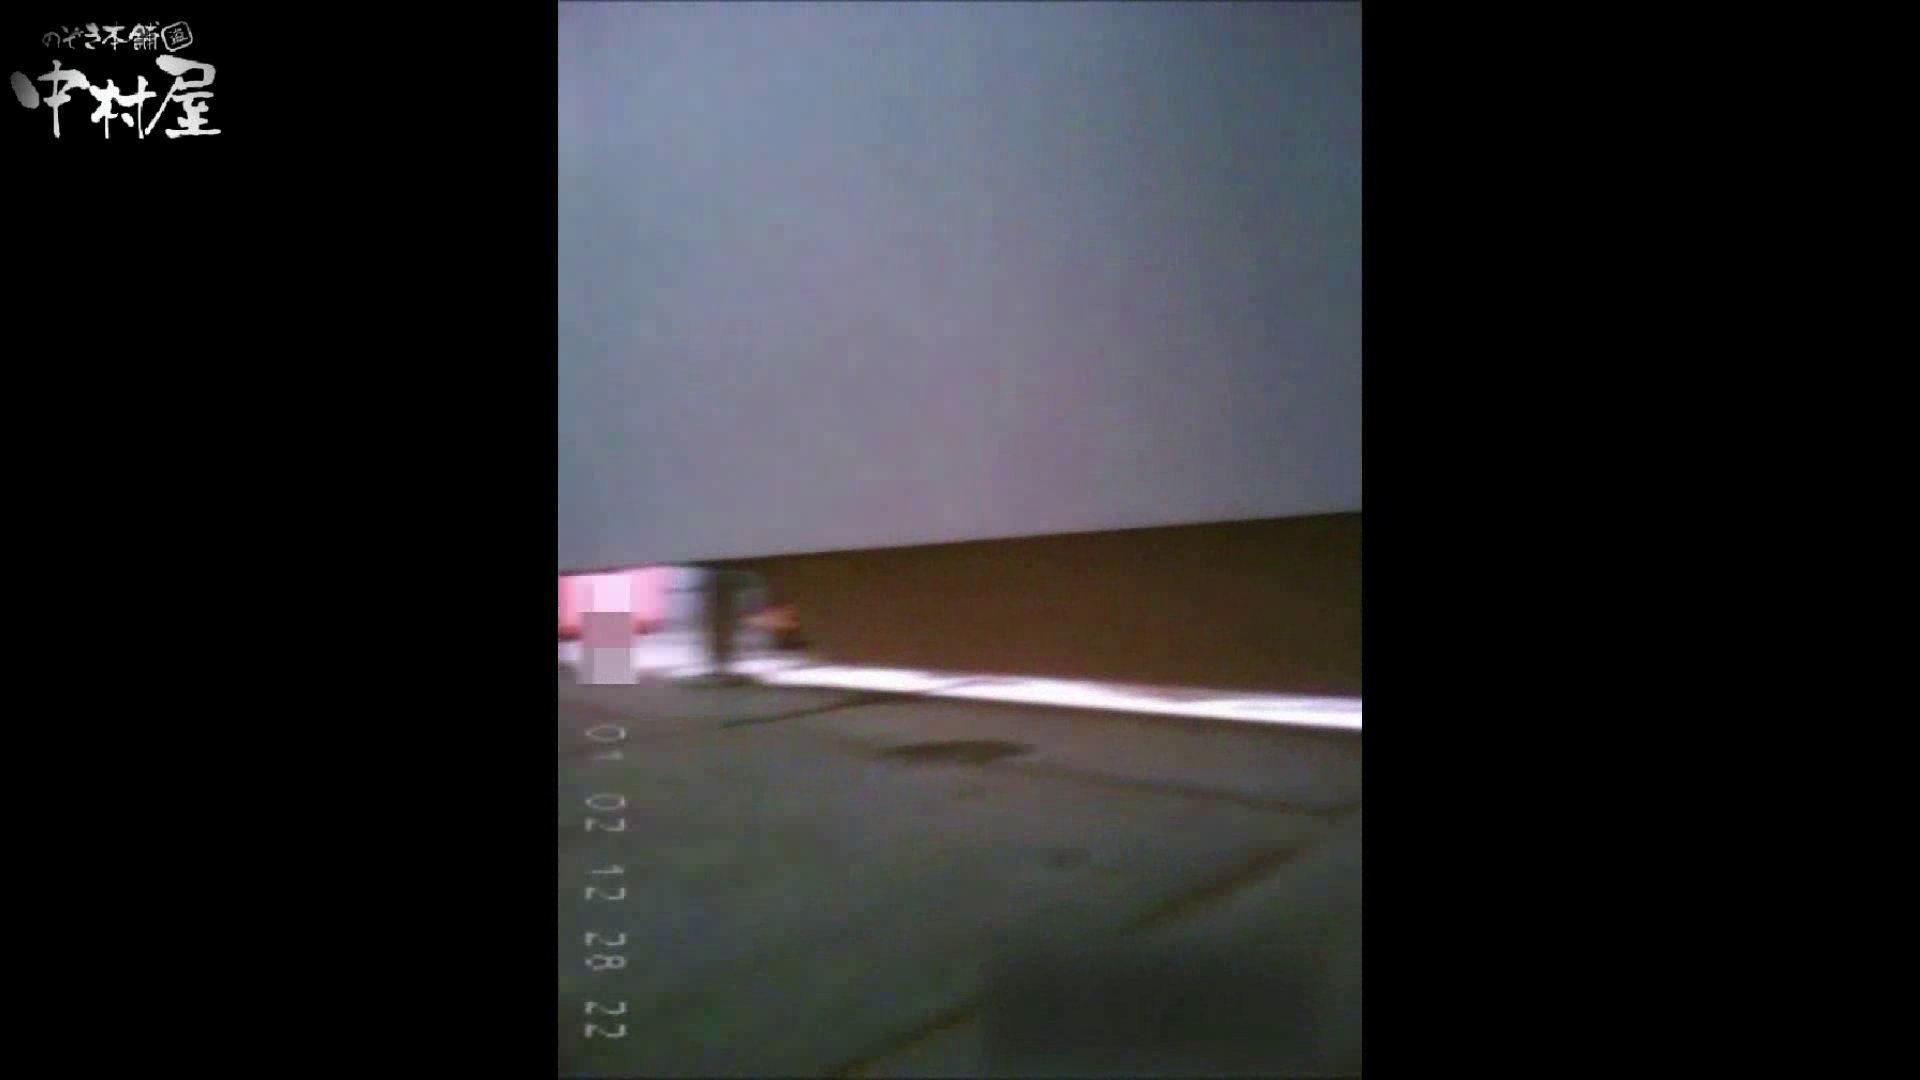 雅さんが厳選新年特別コンテンツ!激走!東京マラソン選手専用女子トイレvol.9 排泄編 盗撮画像 105PIX 52